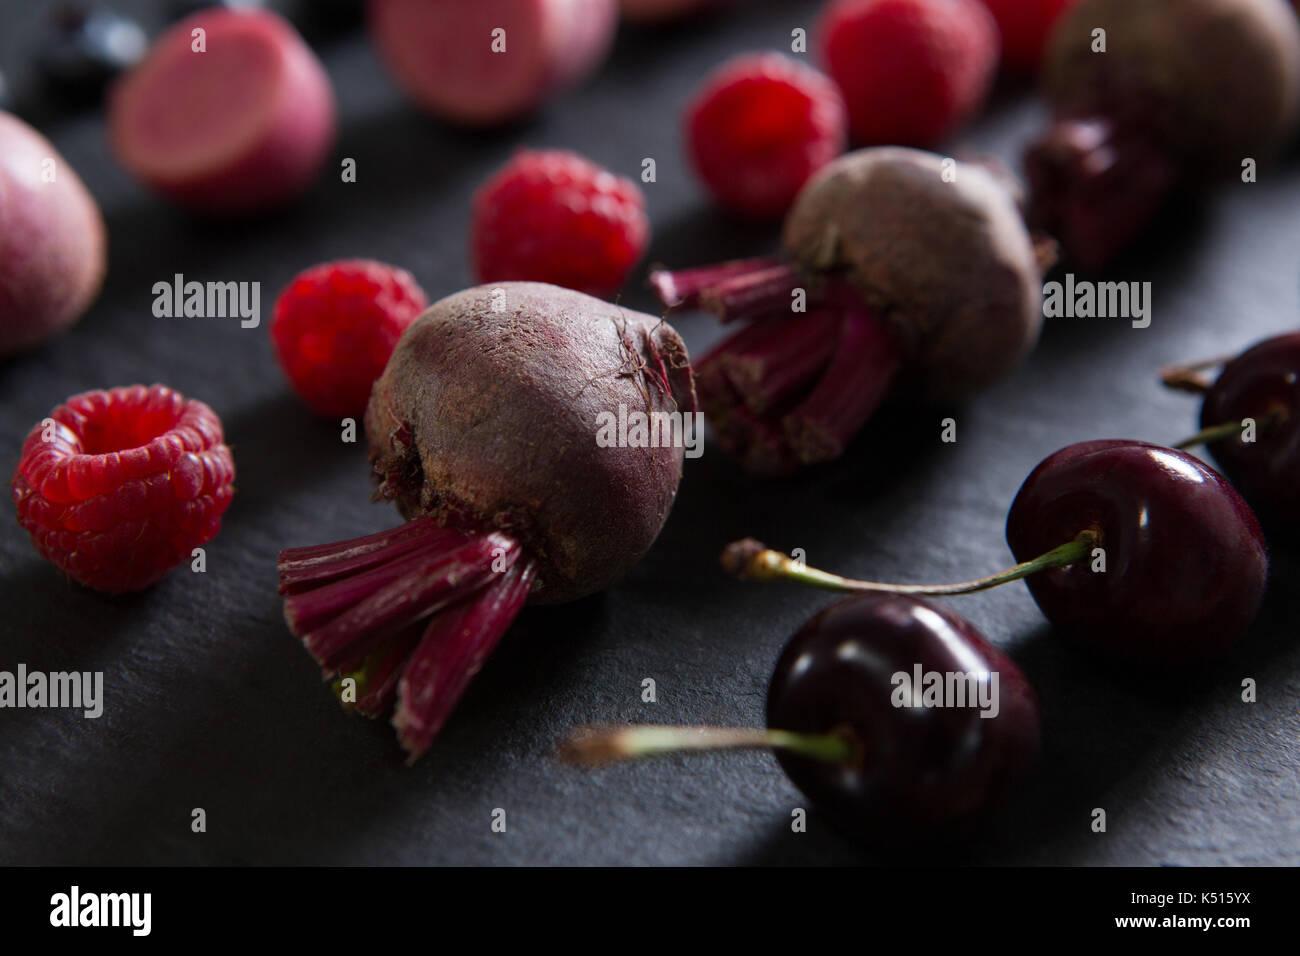 In der Nähe von Obst und Gemüse auf Schneidebrett Stockbild